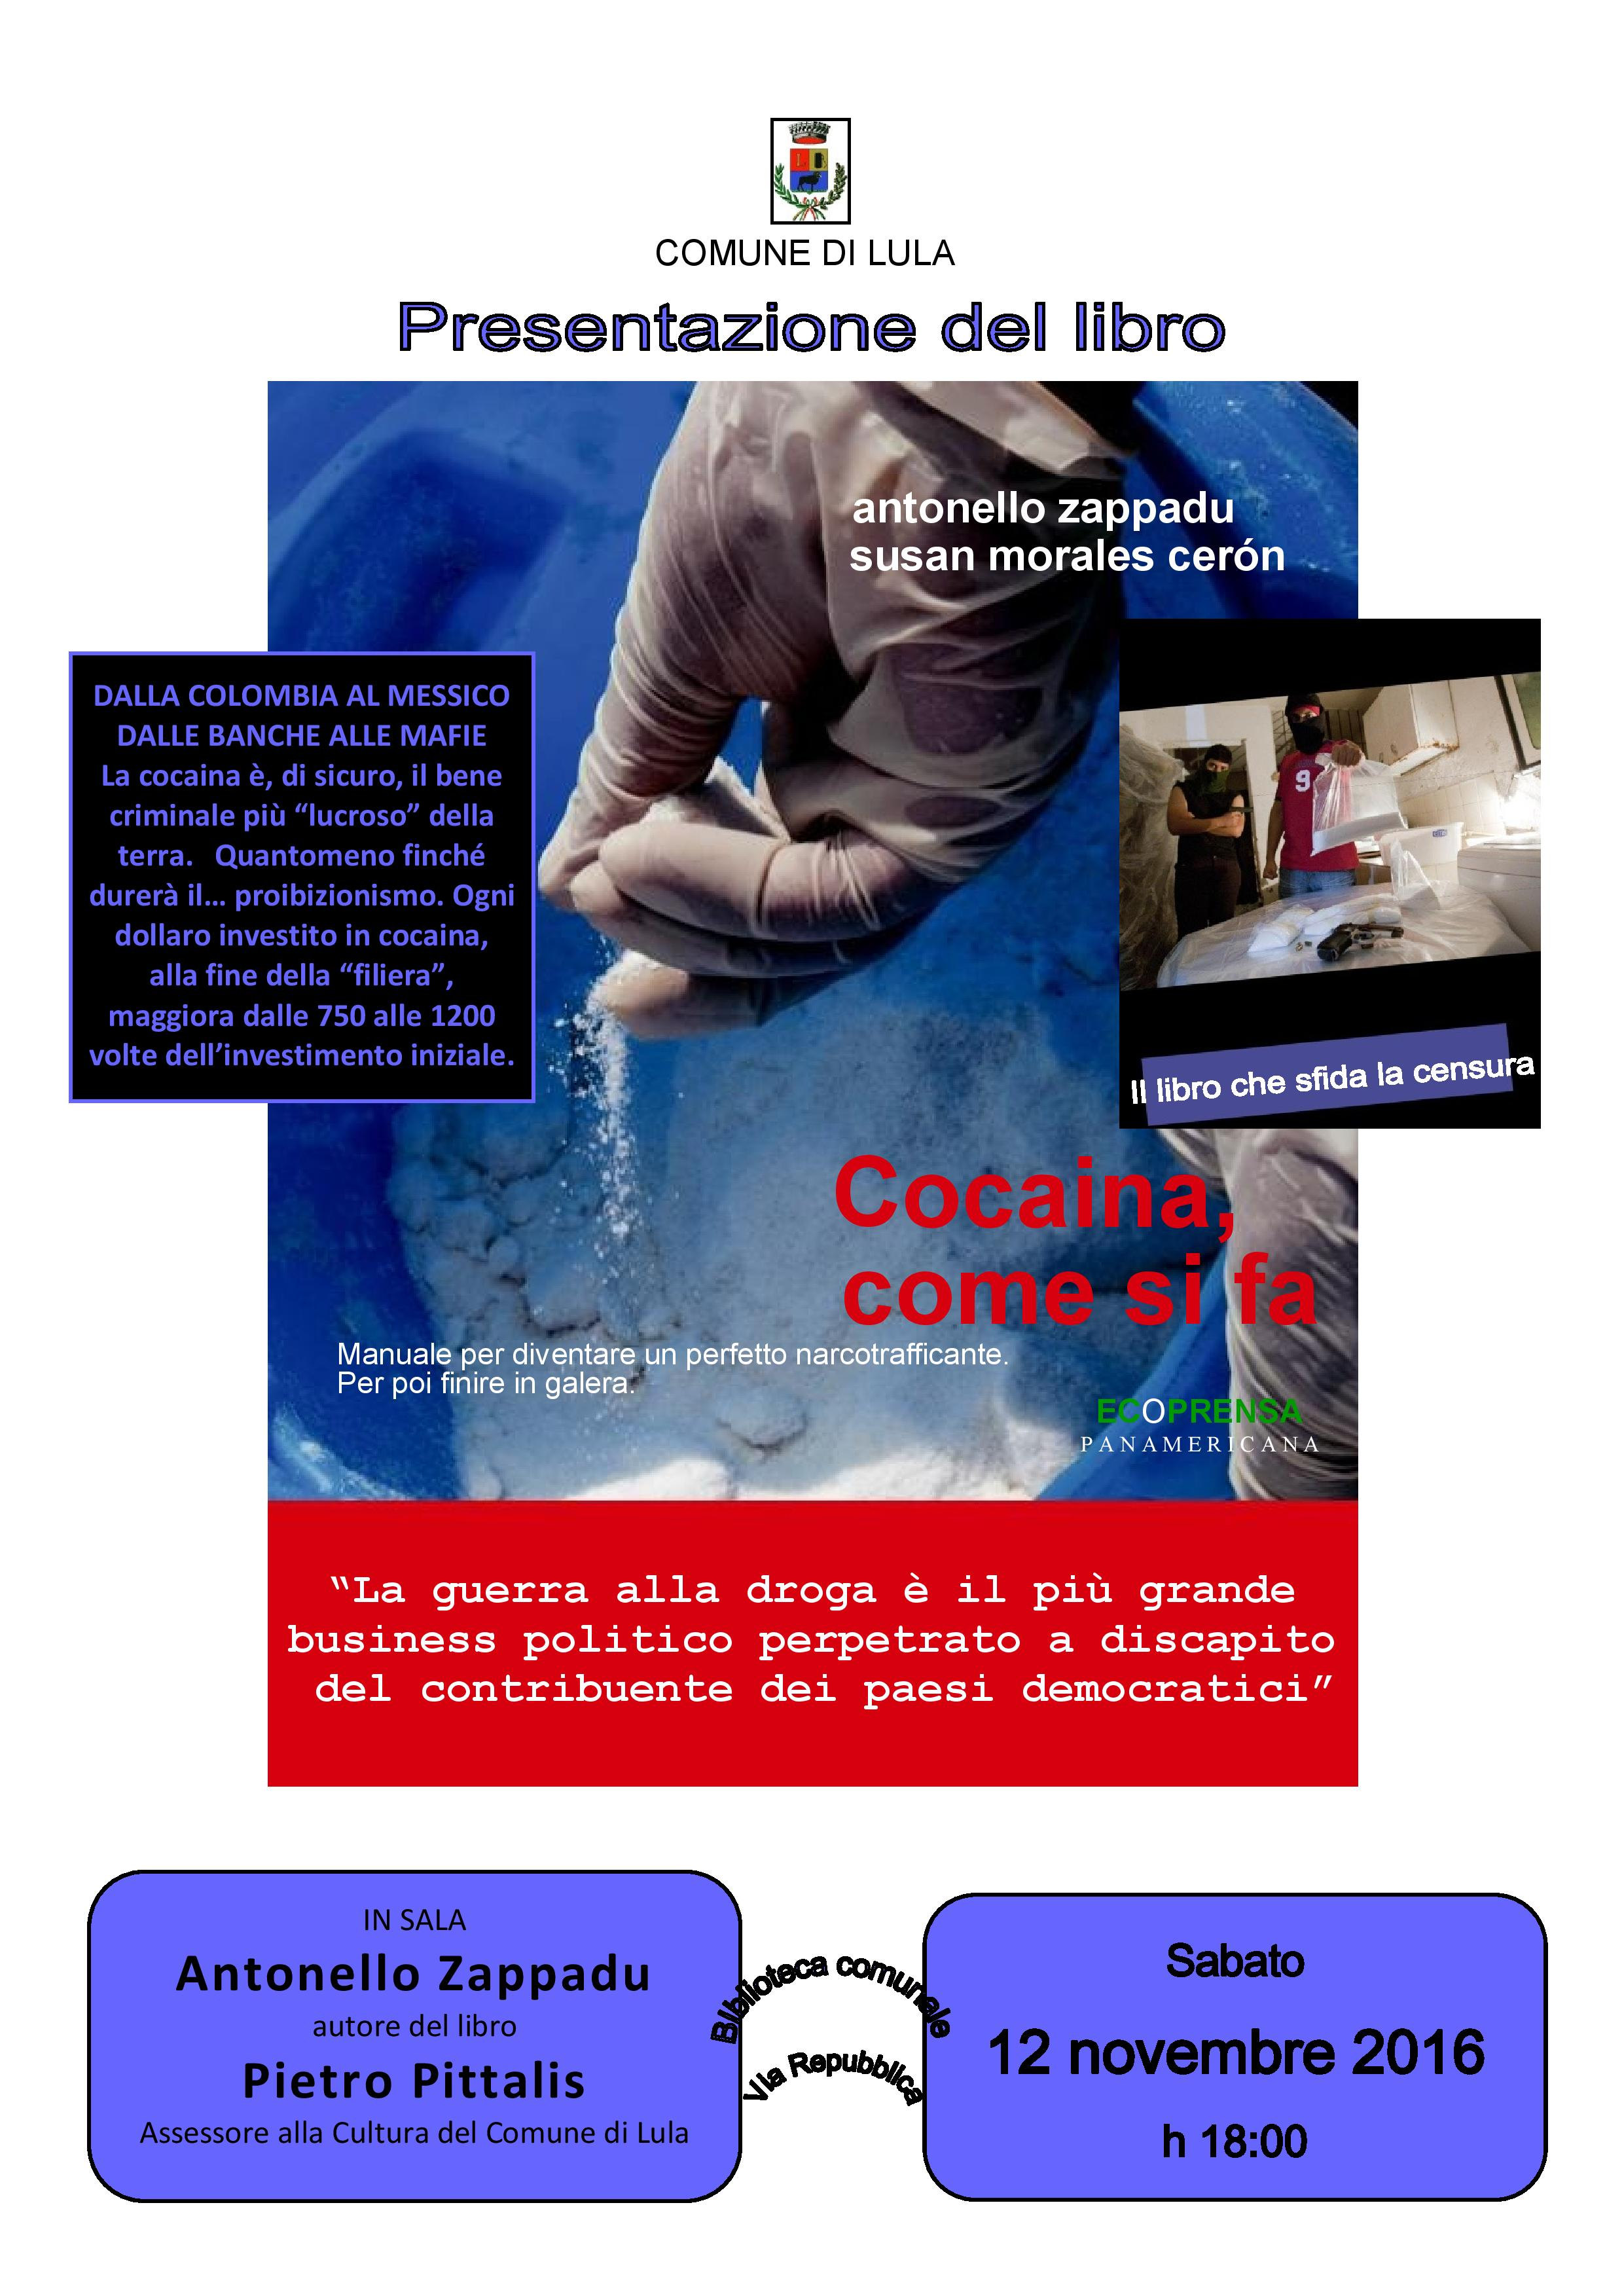 Presentazione del libro 'Cocaina. Come si fa' di Antonello Zappadu e Susan Morales Cerón